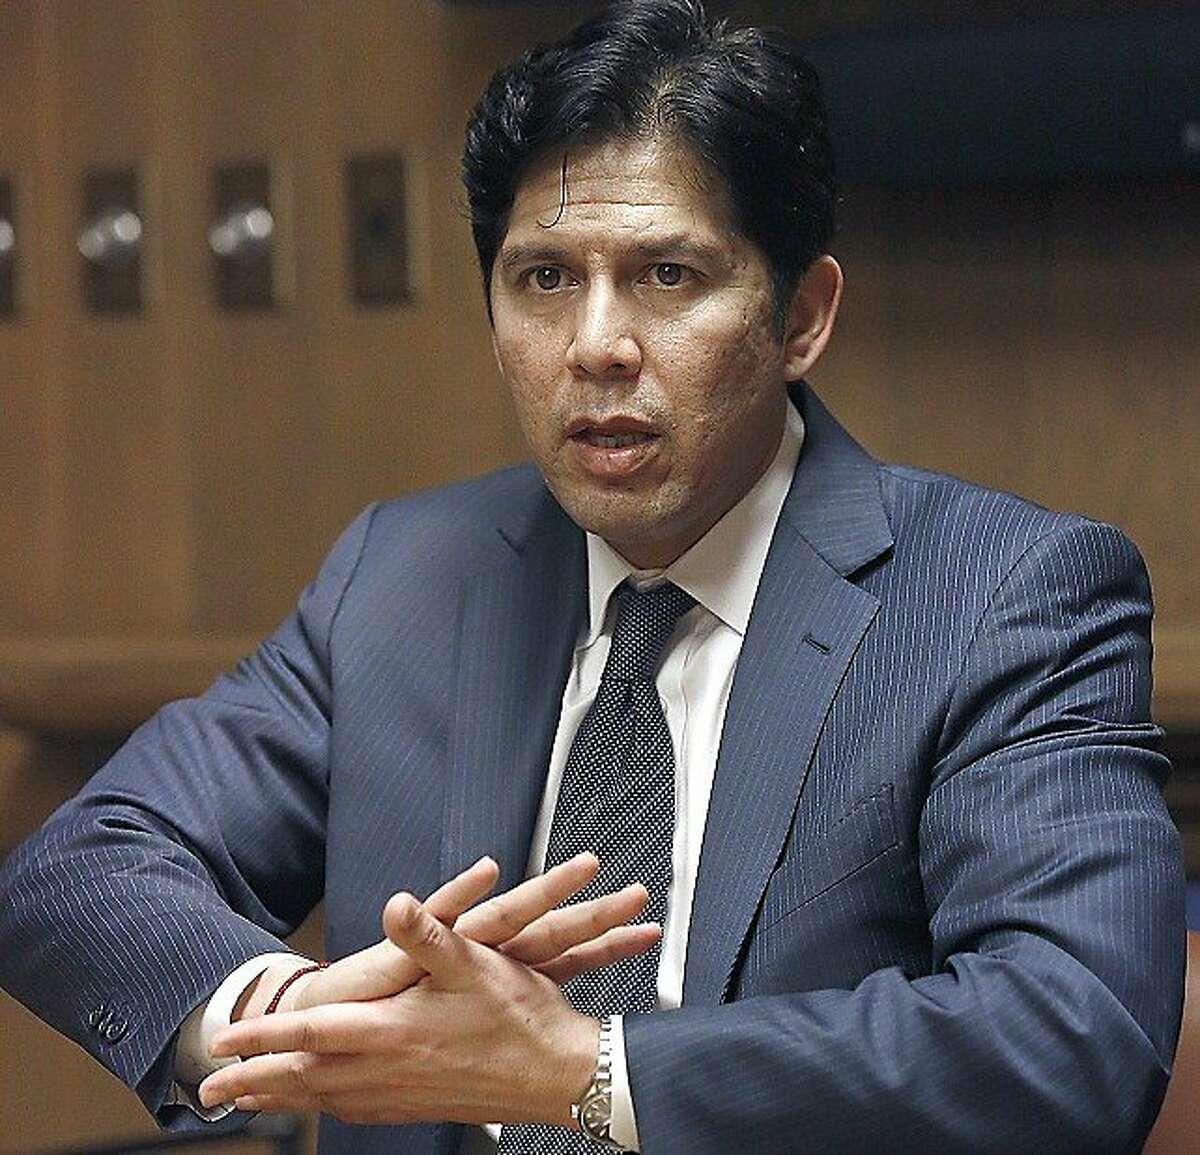 Senate President pro Tempore Kevin de León